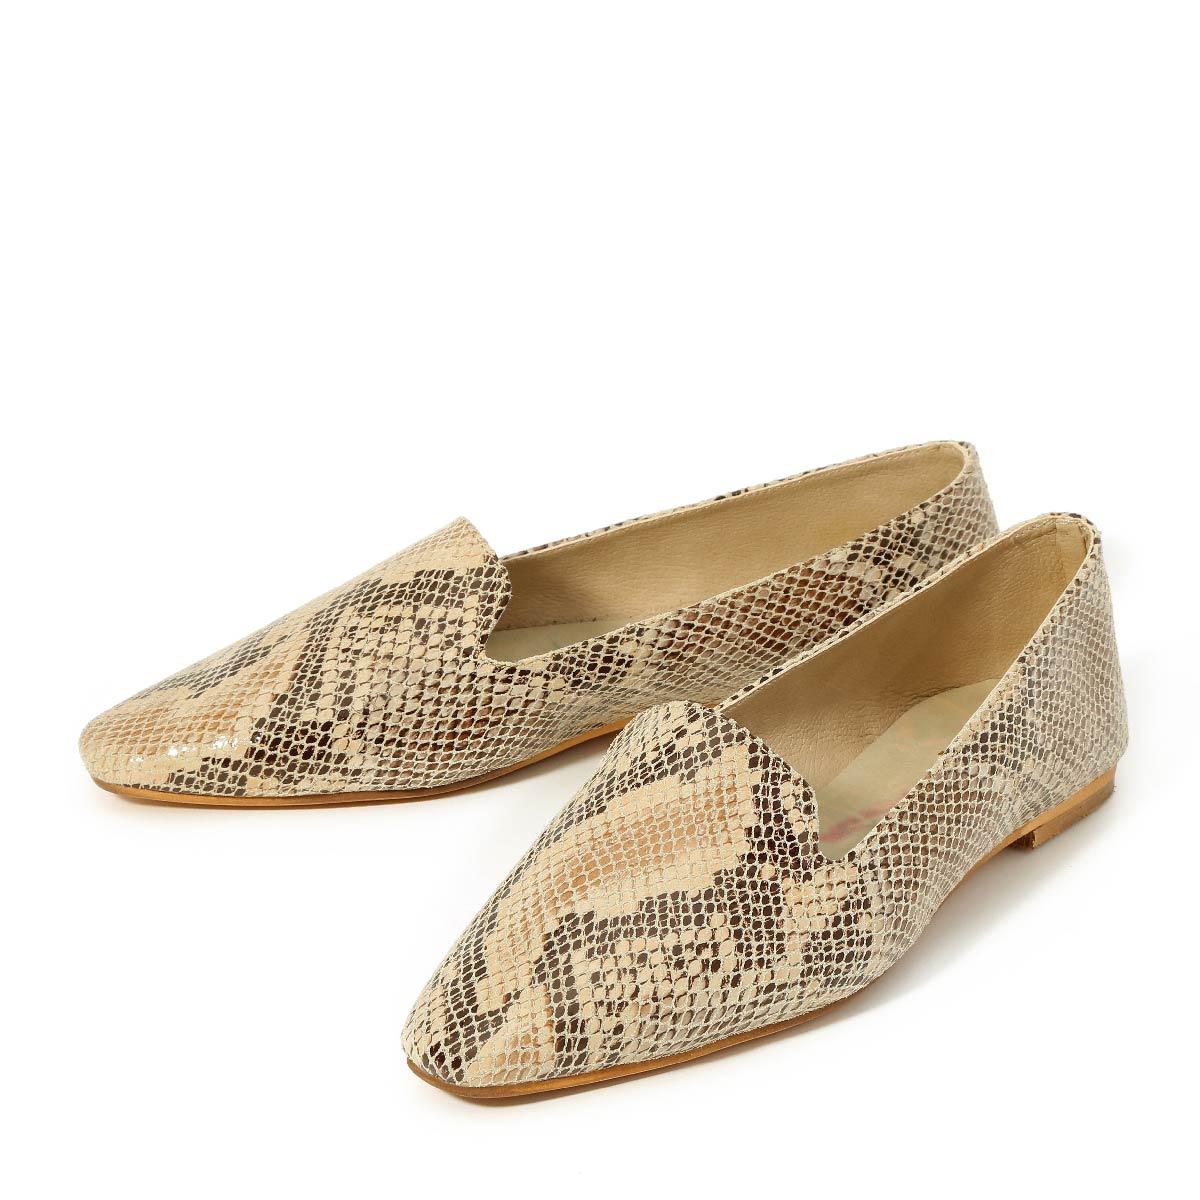 דגם מאיה: נעליים שטוחות בצבע בז' מנוחש